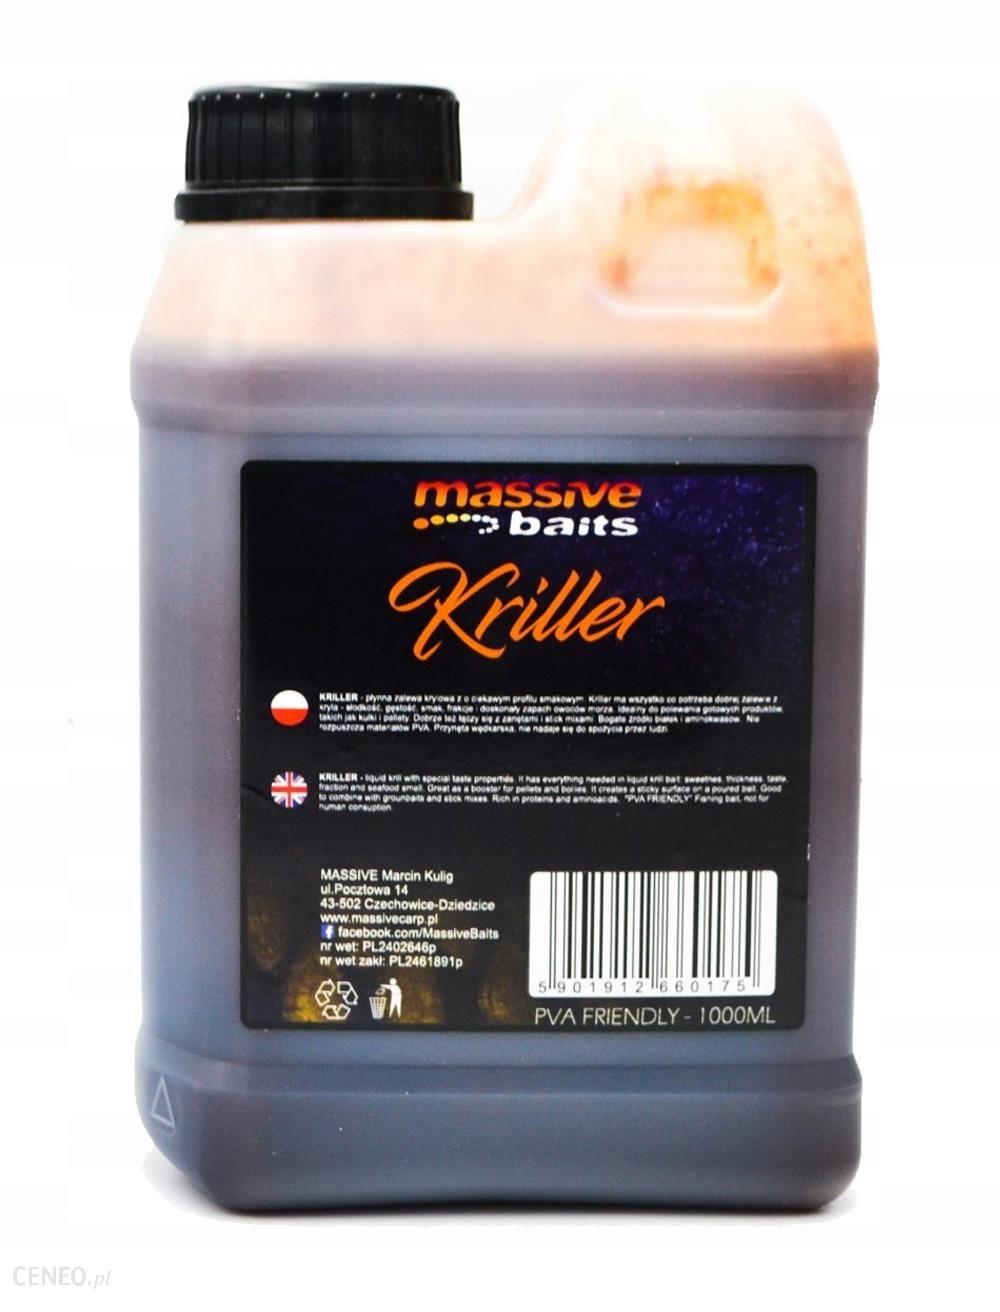 Massive Baits Liquid 1l Kriller